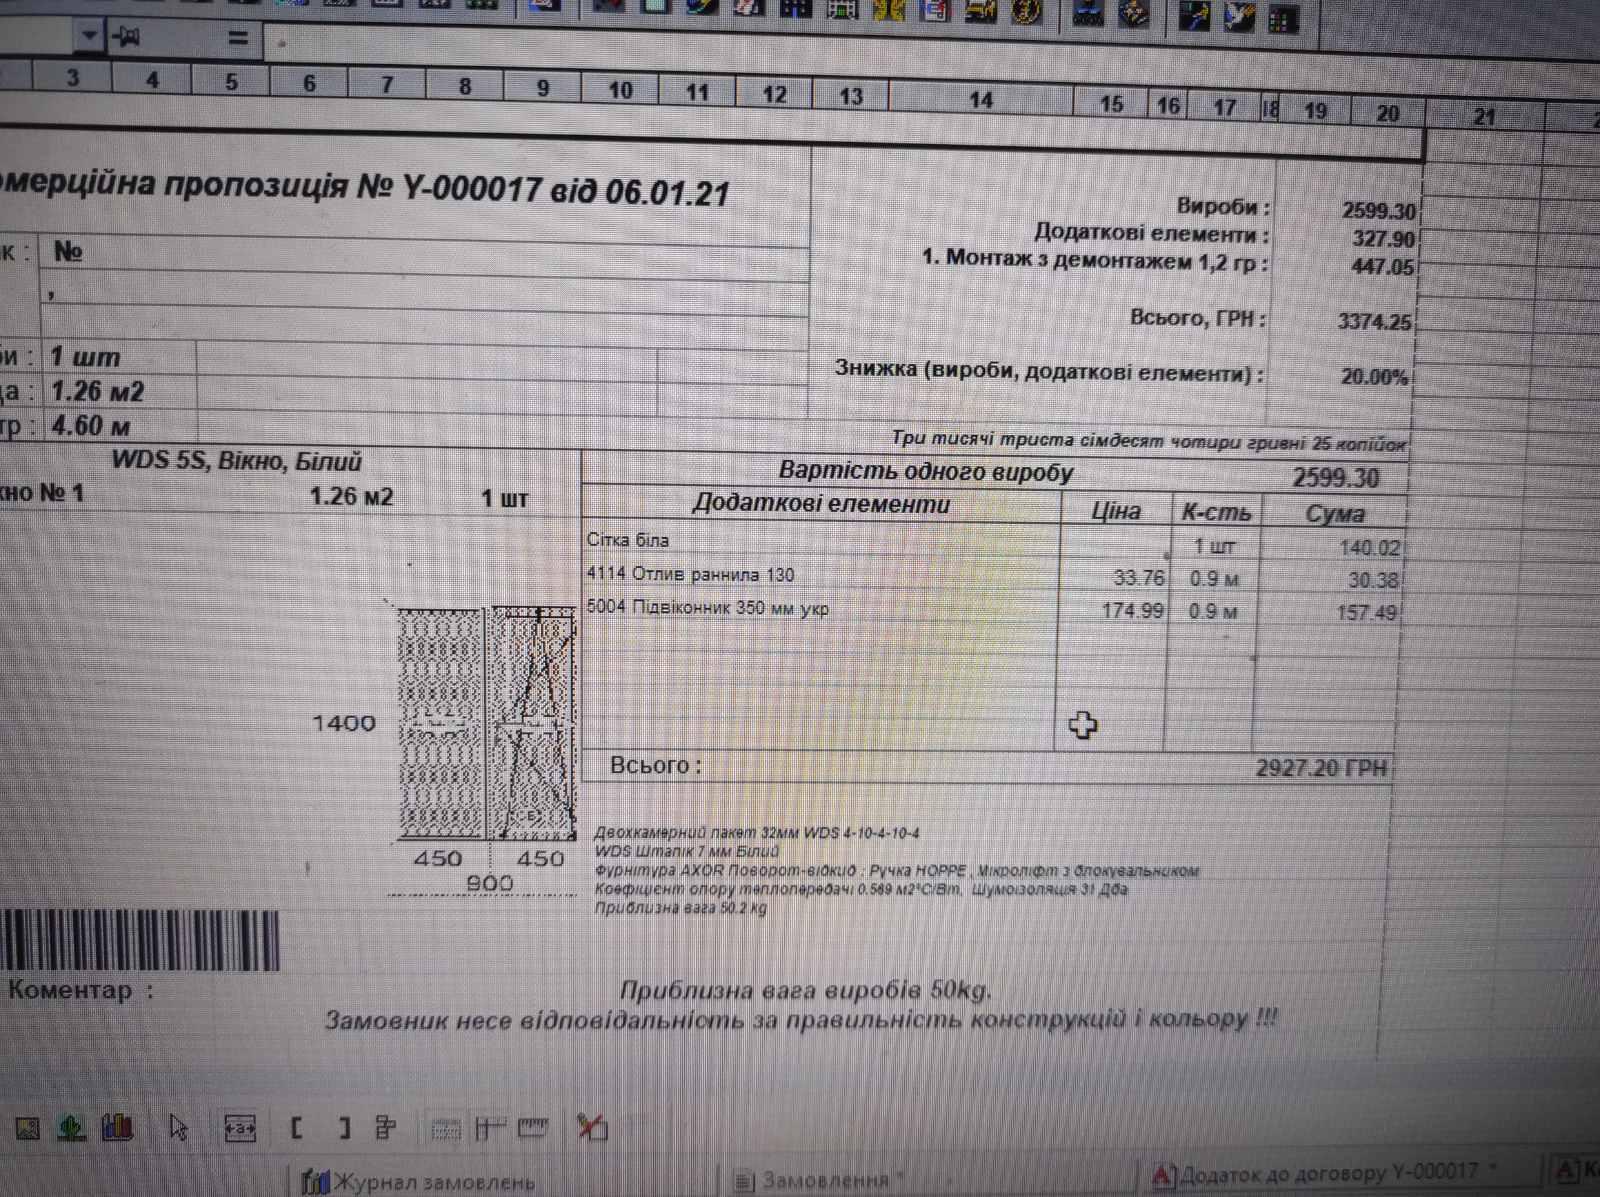 Калькуляція ціни на вікно шириною 900мм Х висотою 1400мм. Металопластиковий профіль WDS 5s. Ціна 2600 грн.  - Вінниця